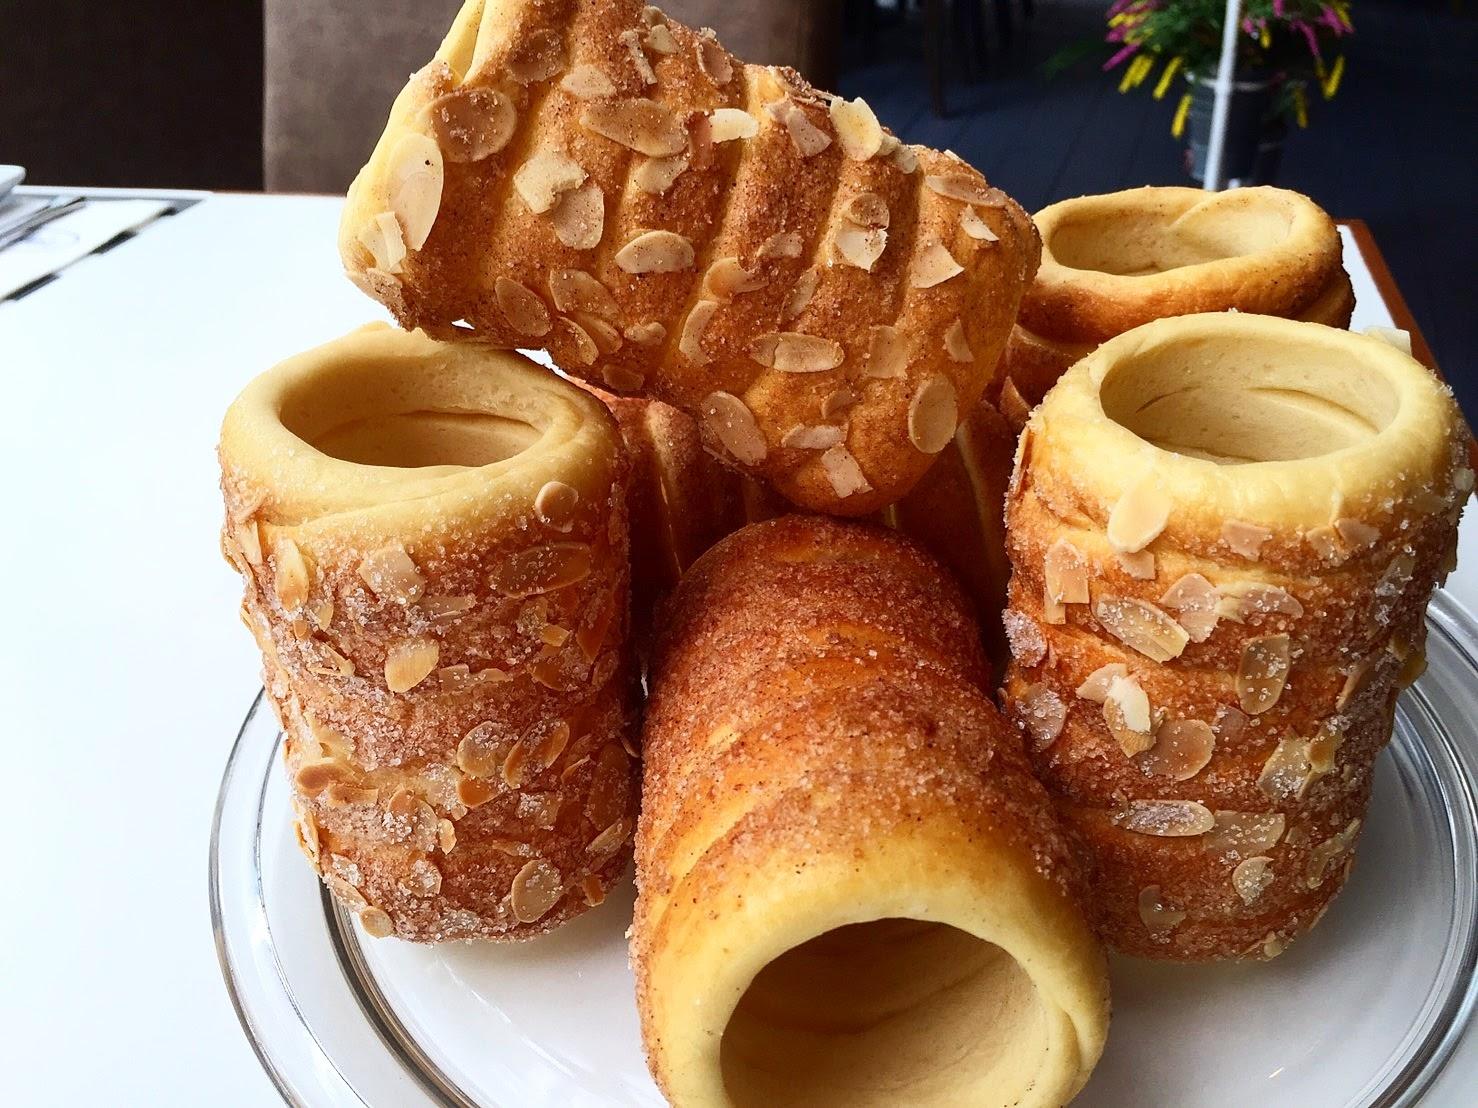 Trdelnik, a Czech Dessert